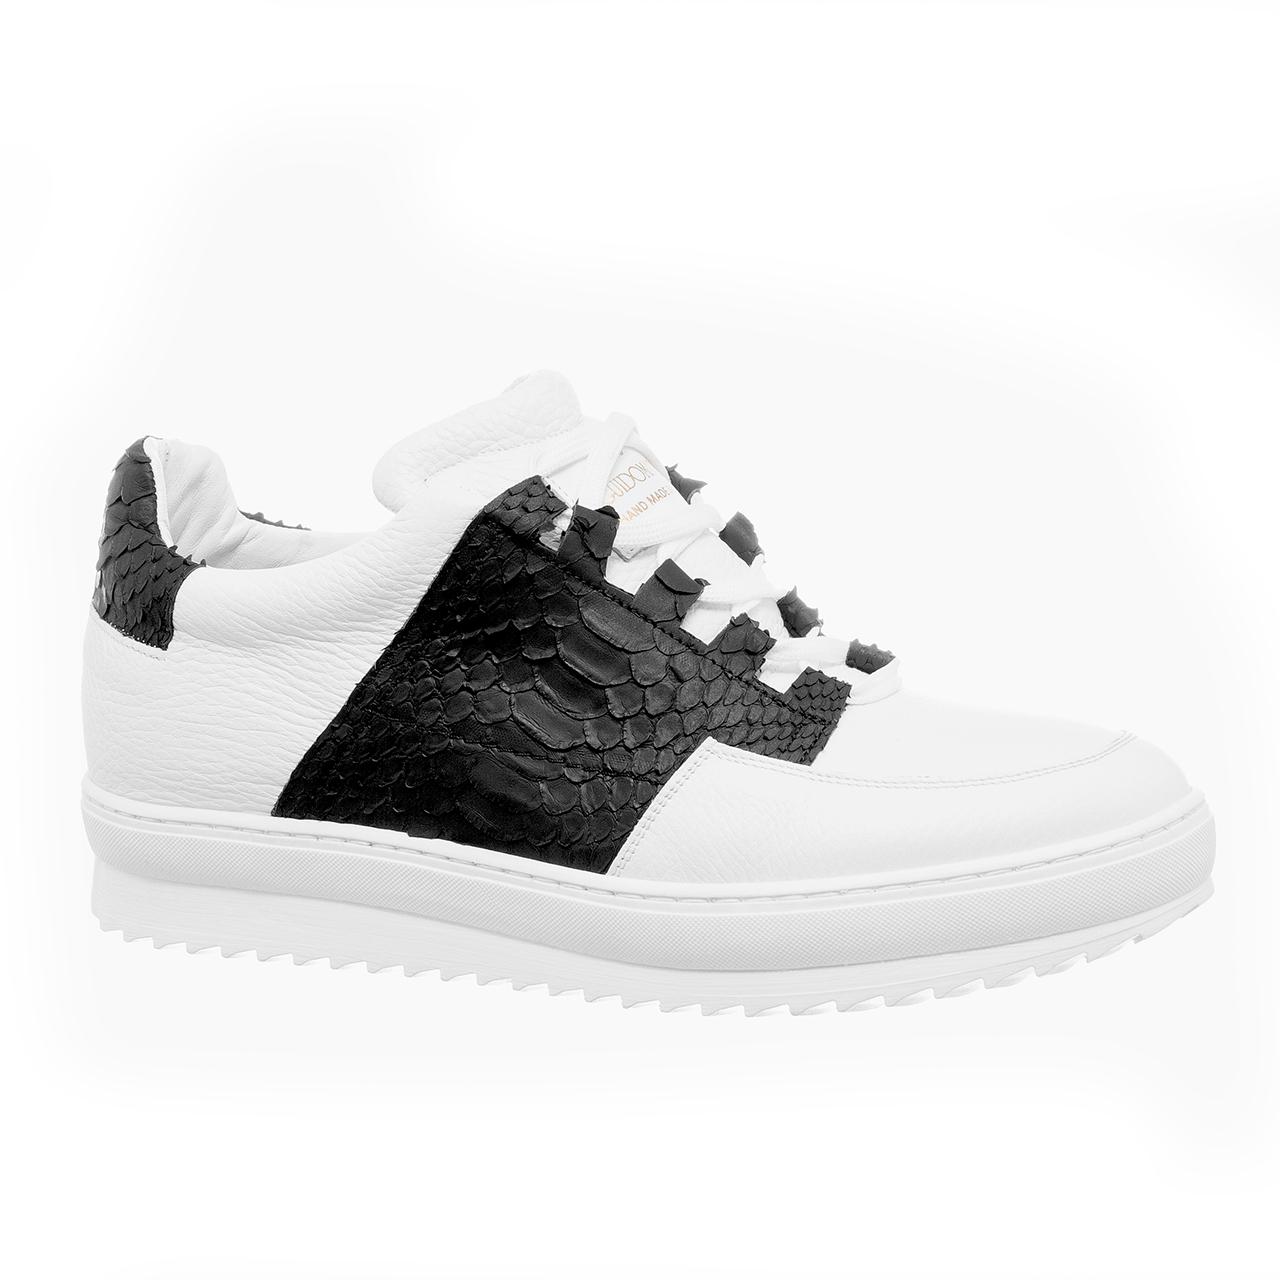 Acquista 2 OFF QUALSIASI scarpe con suola alta uomo CASE E OTTIENI ... 663deb0dab6